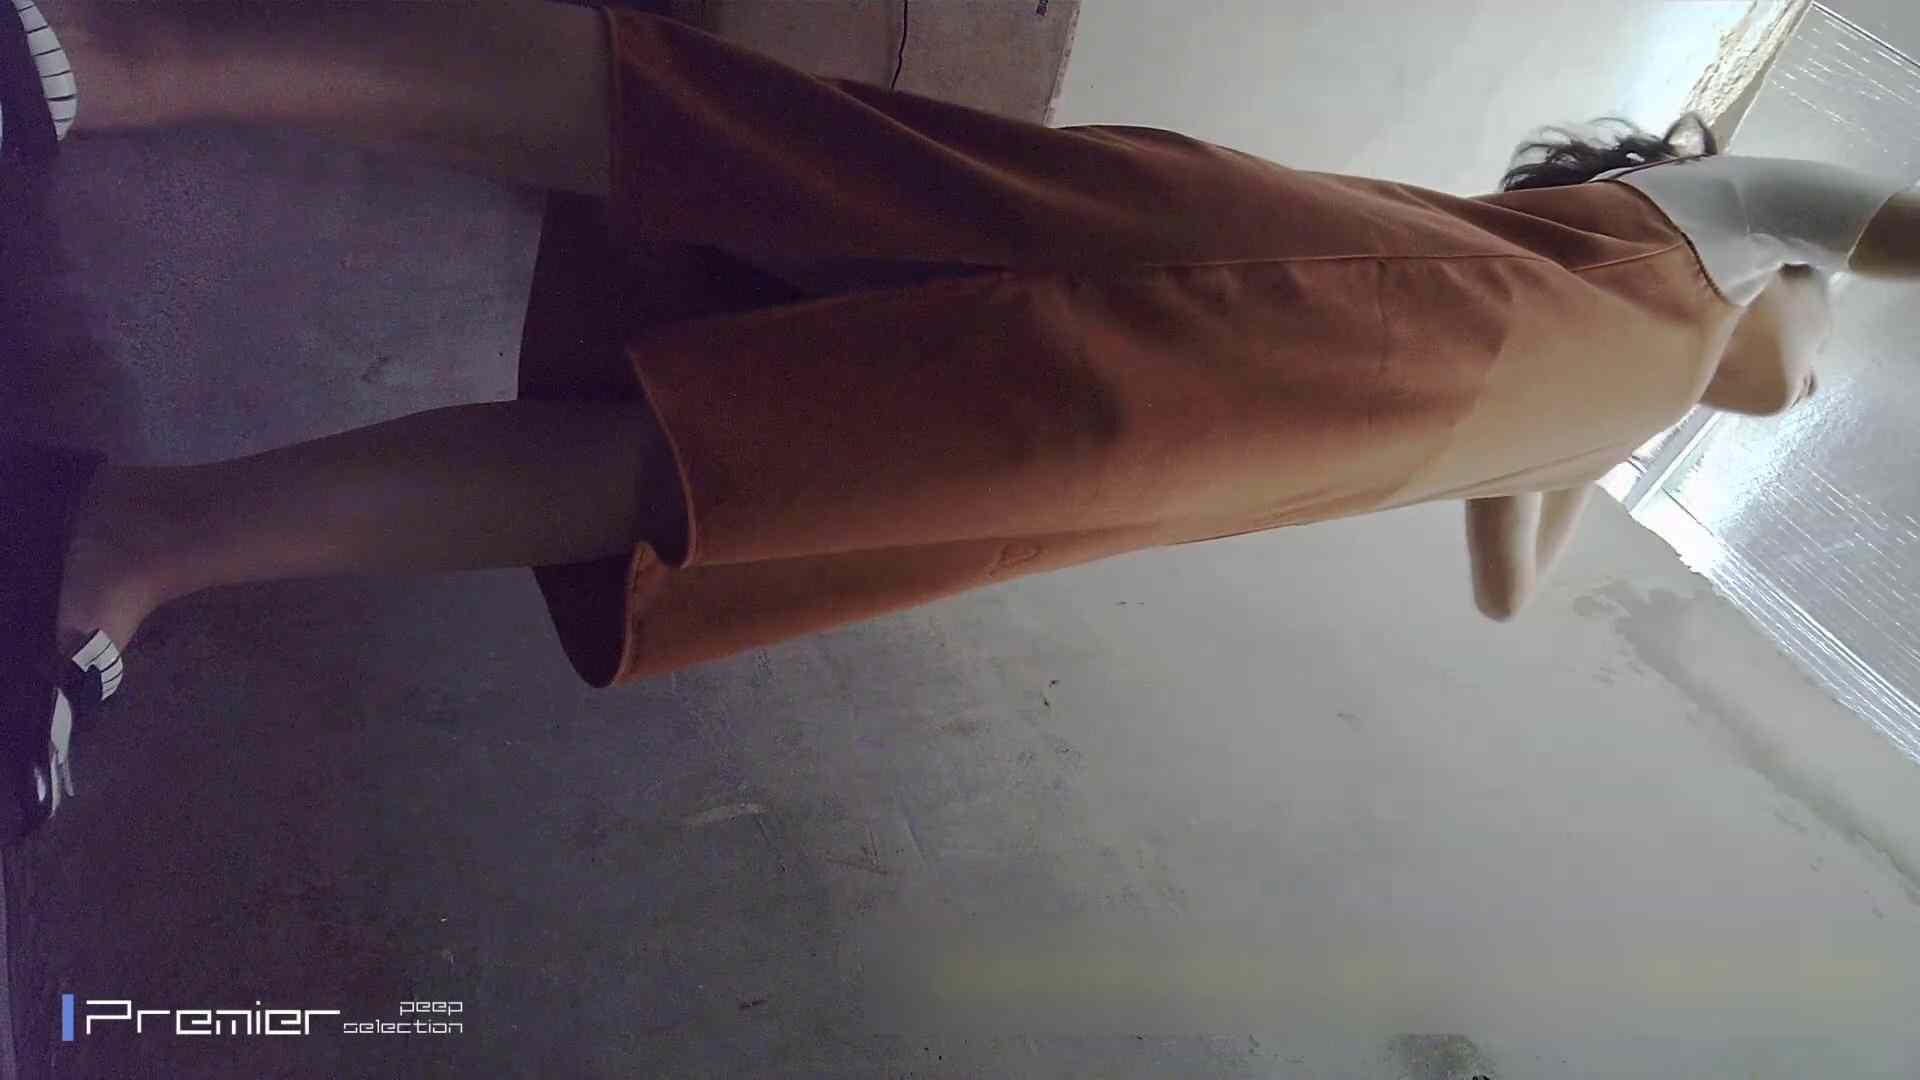 トイレシーンを密着盗撮!! 美女の痴態に密着!Vol.22 パンチラ・ギャル AV動画キャプチャ 104画像 19